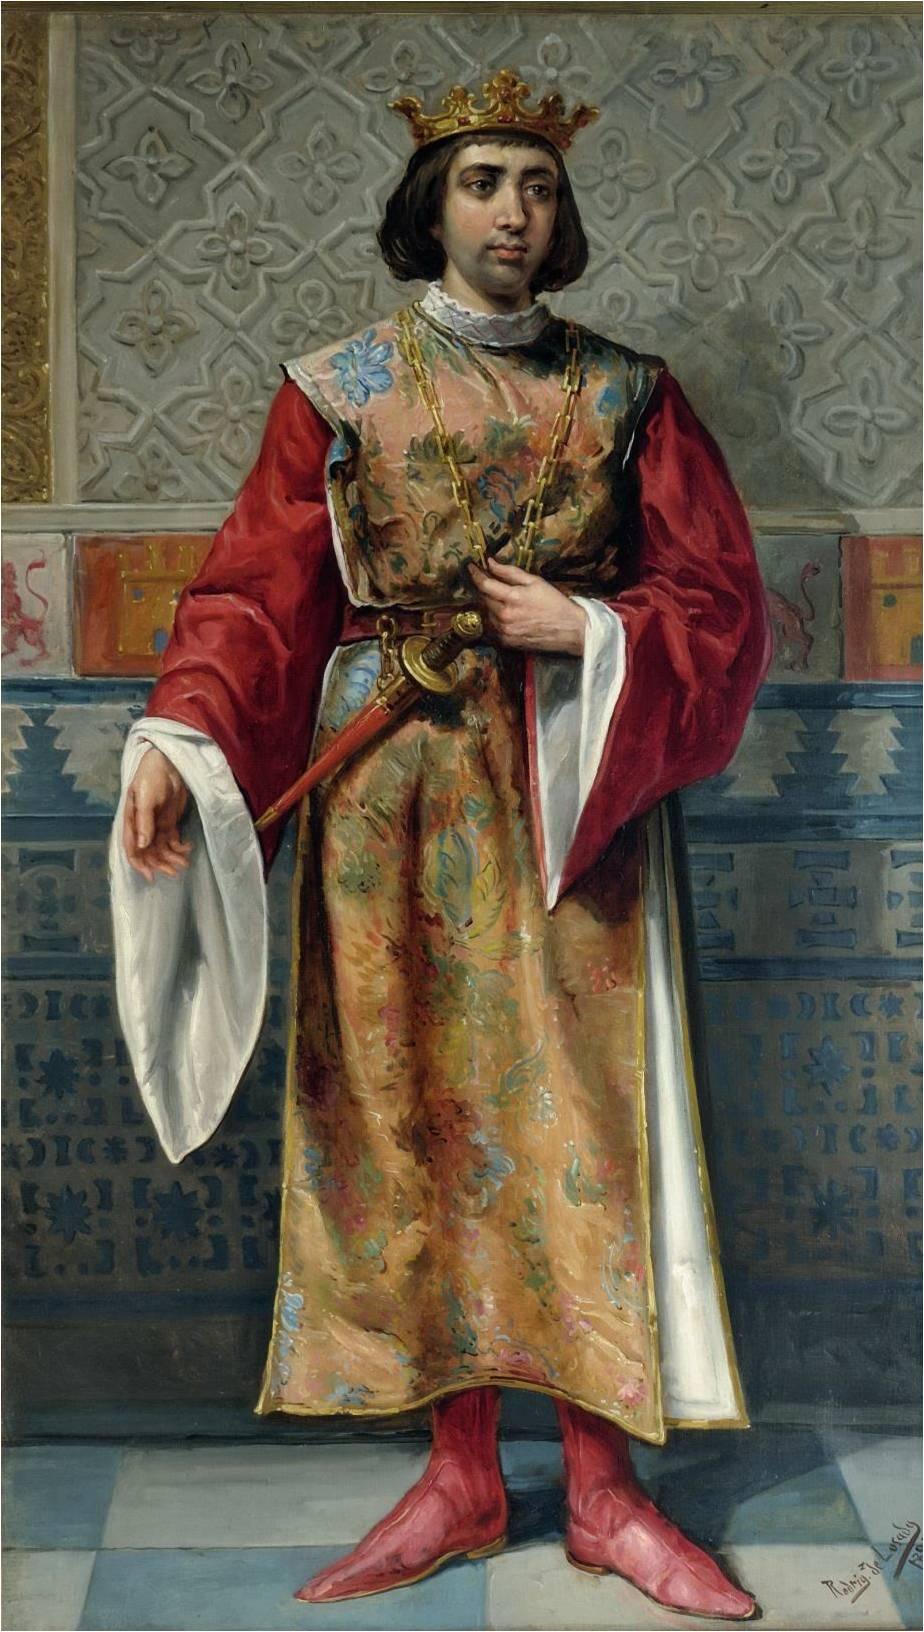 Renaissance - Richard IX